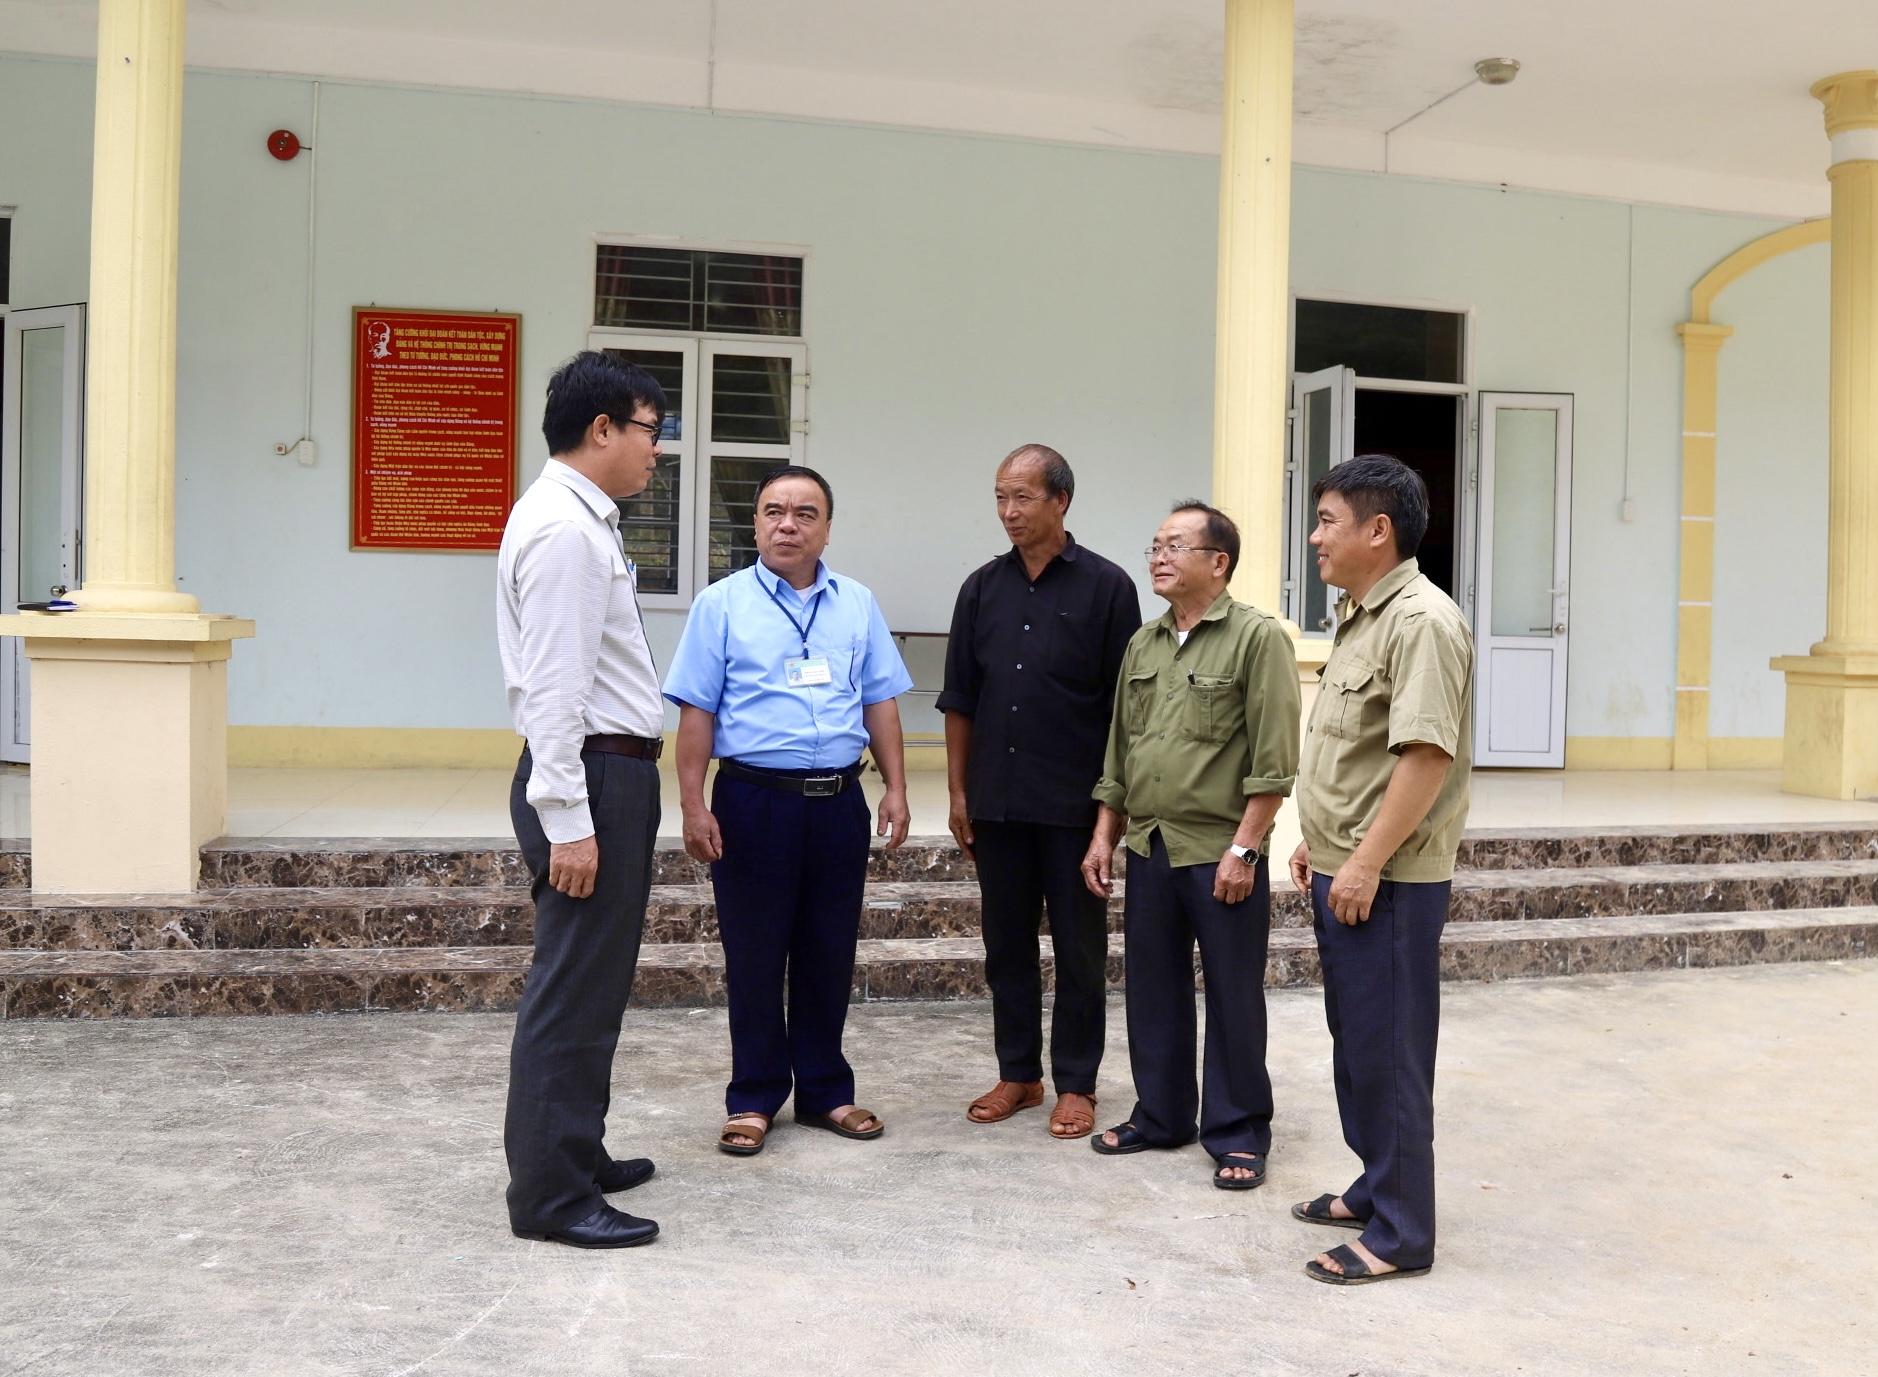 Ông Nguyễn Văn Phong, Phó Tổng Biên tập Báo Dân tộc và Phát triển (ngoài cùng bên trái) trao đổi với Người có uy tín tại xã Minh Tân, huyện Vị Xuyên (Hà Giang)